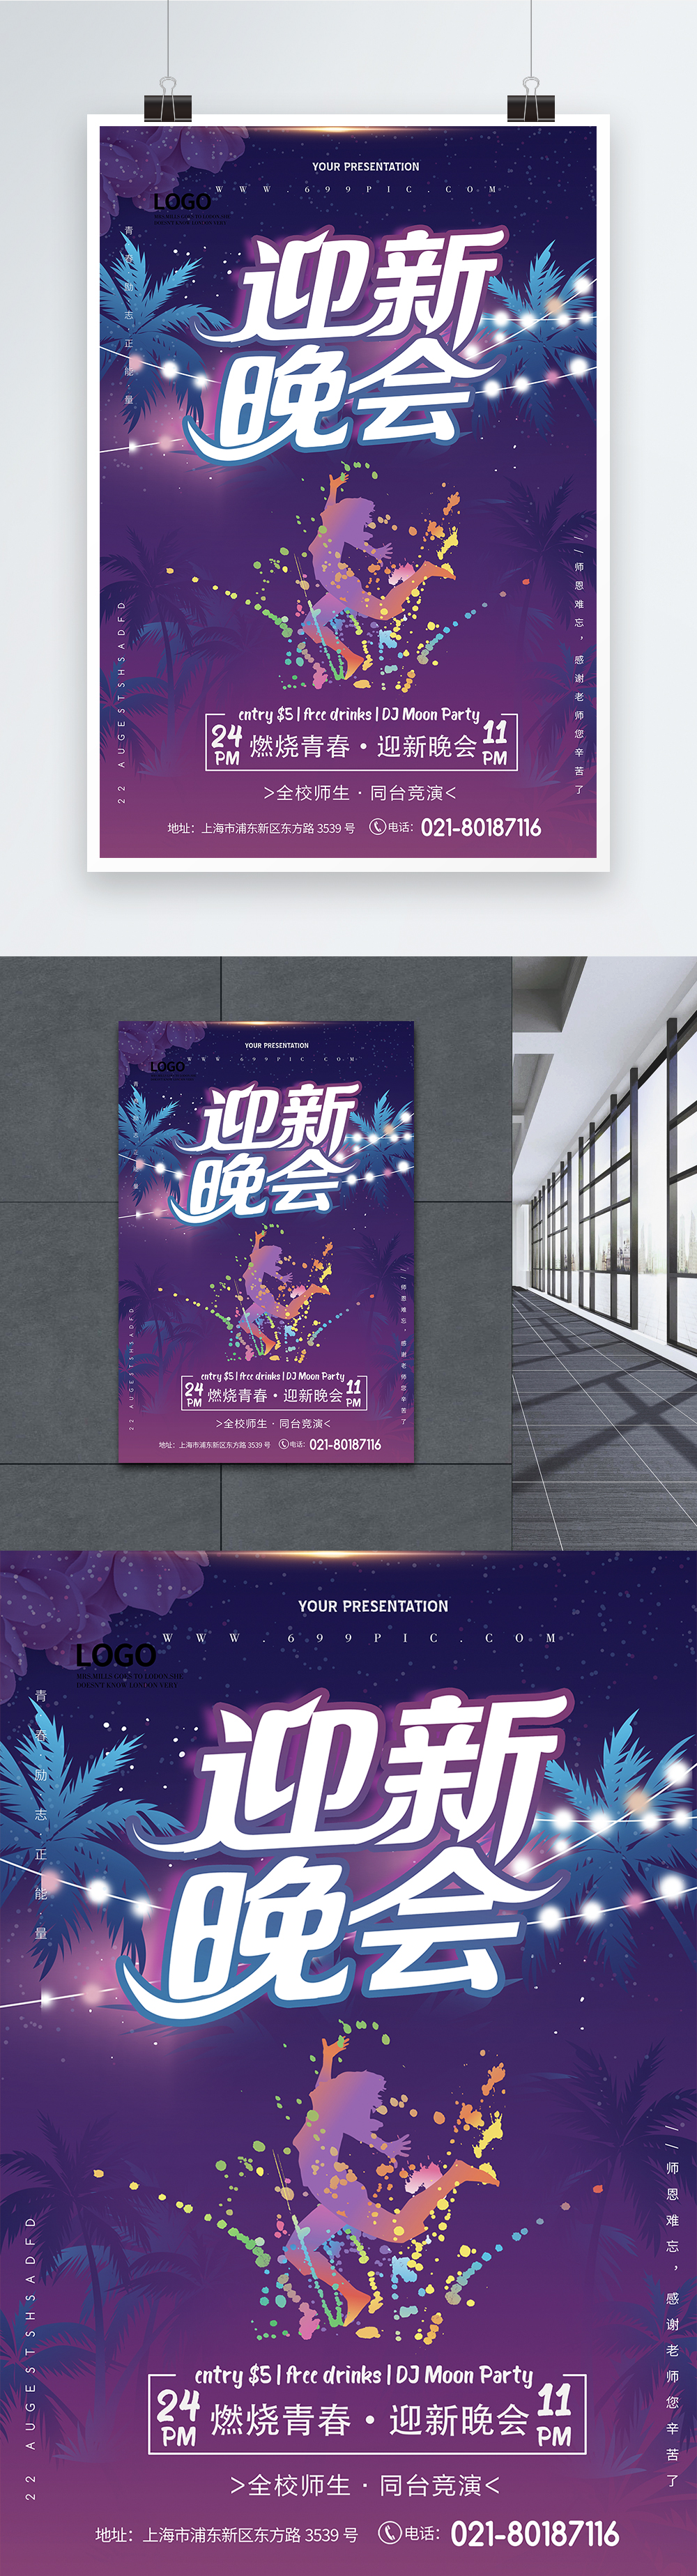 2016迎新晚會海報手繪